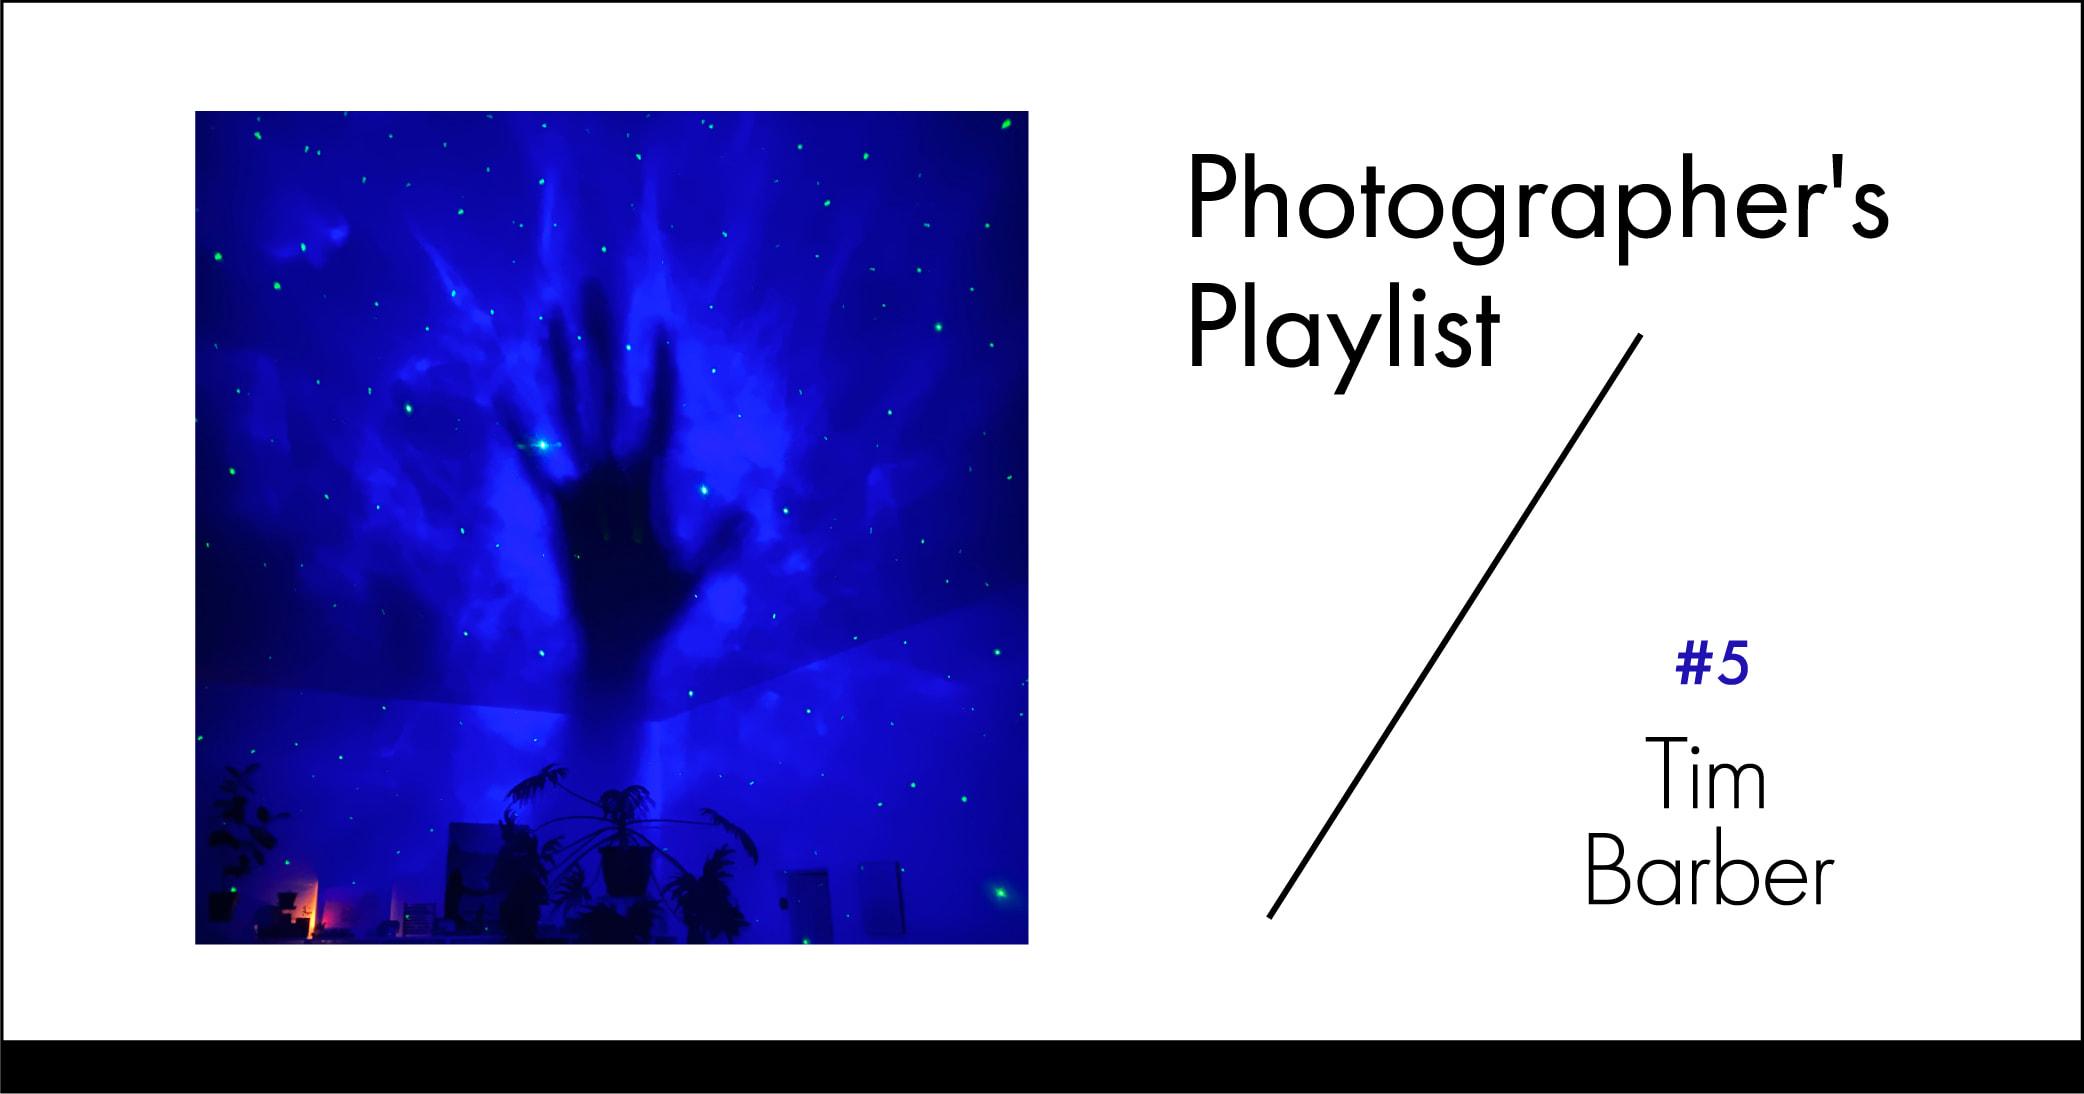 写真家のプレイリスト#5 ティム・バーバー   写真家のプレイリスト#5 ティム・バーバー